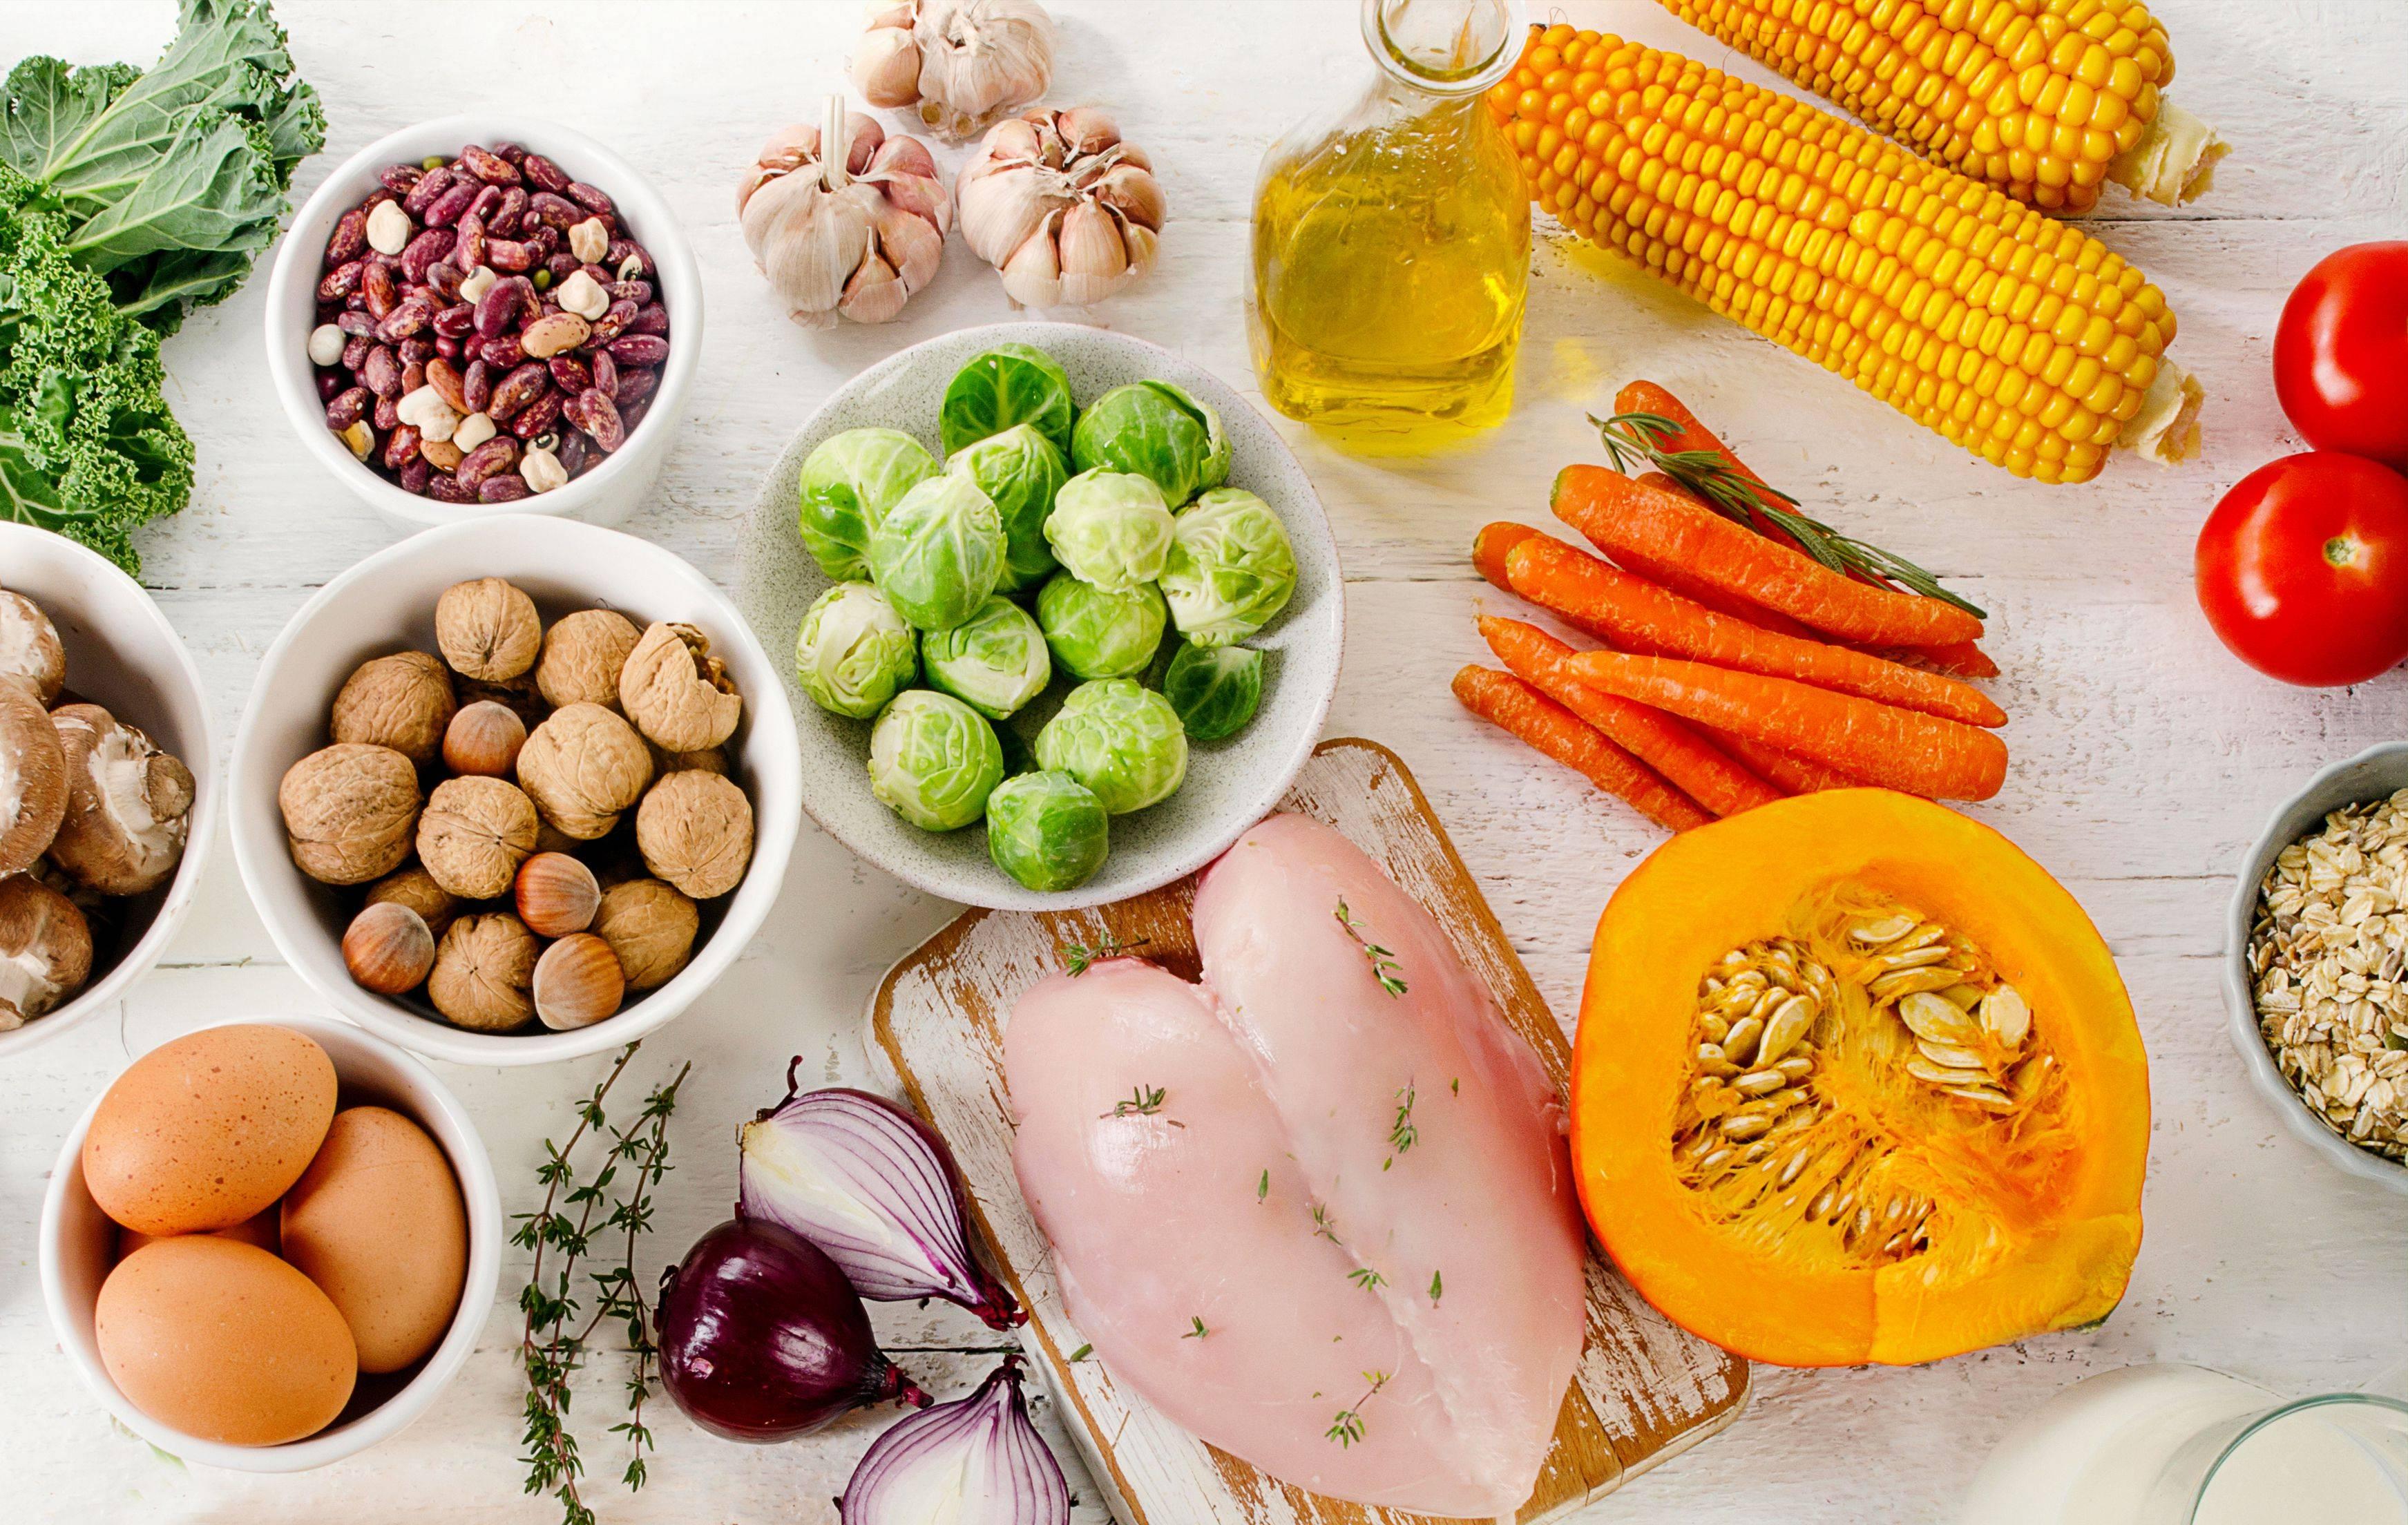 处暑会吃才健康!初秋最该吃的食物大揭秘!(含食谱)  处暑养生吃什么杂粮